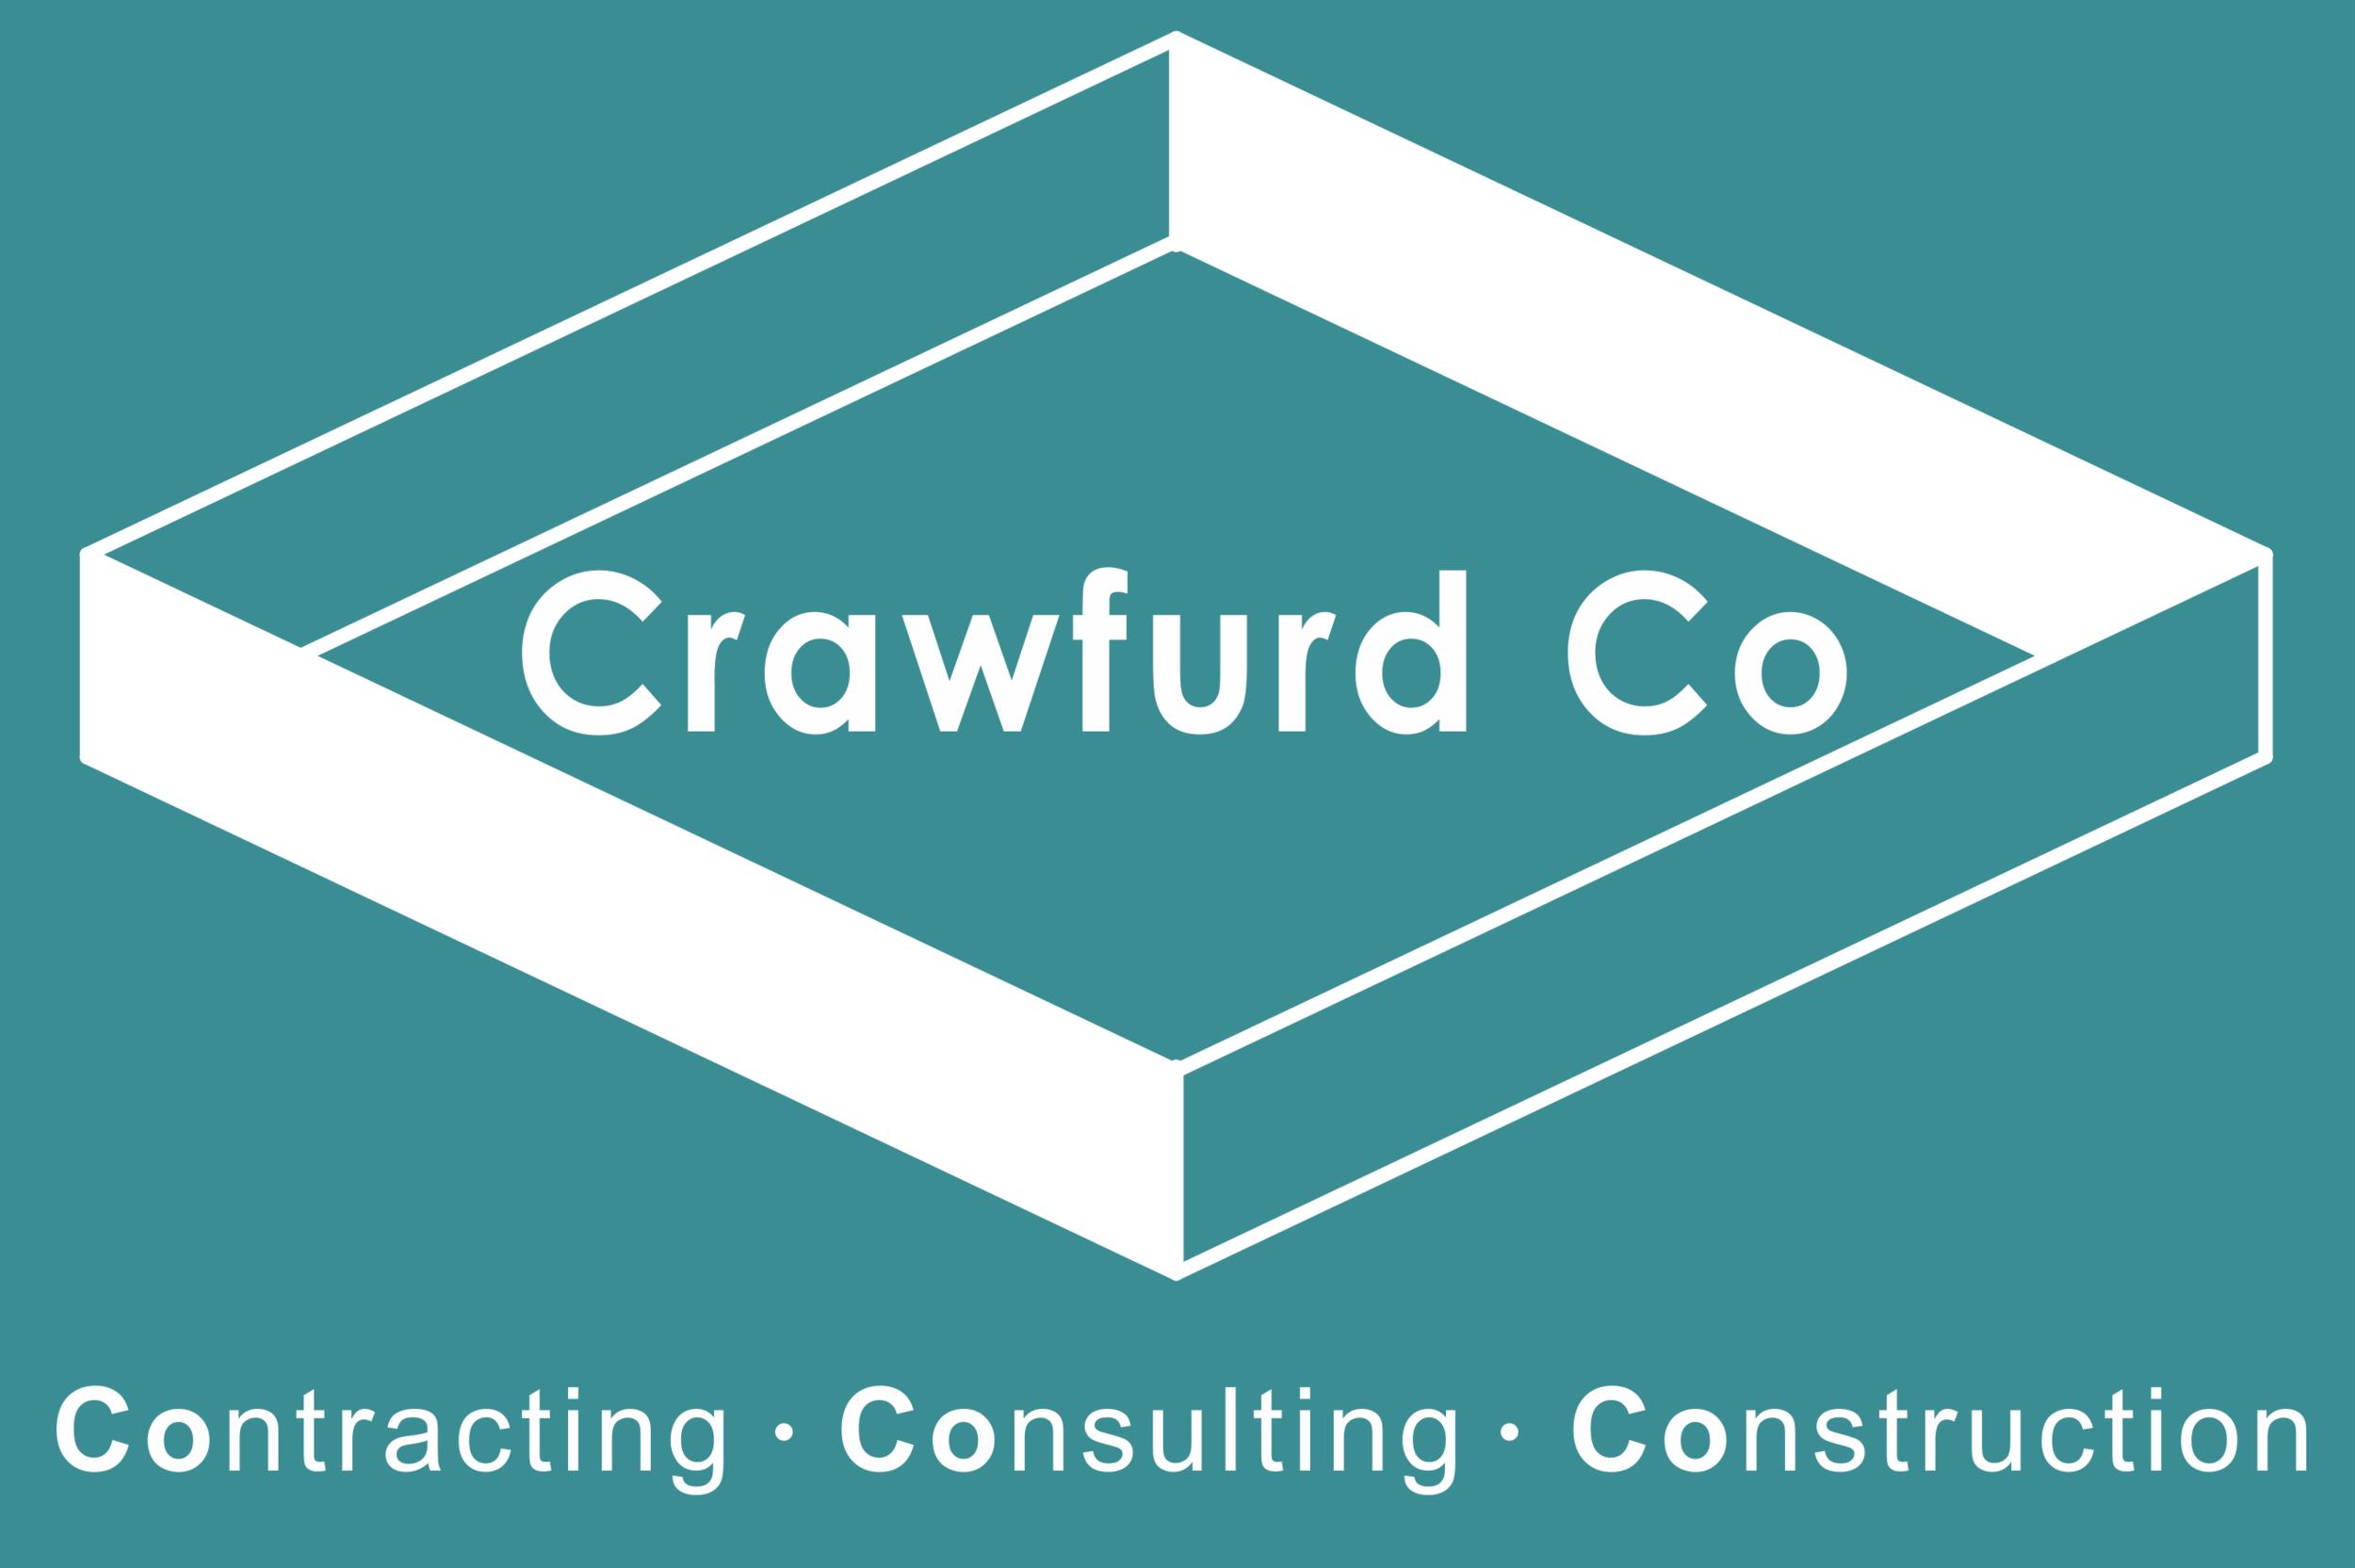 Crawfurd Co